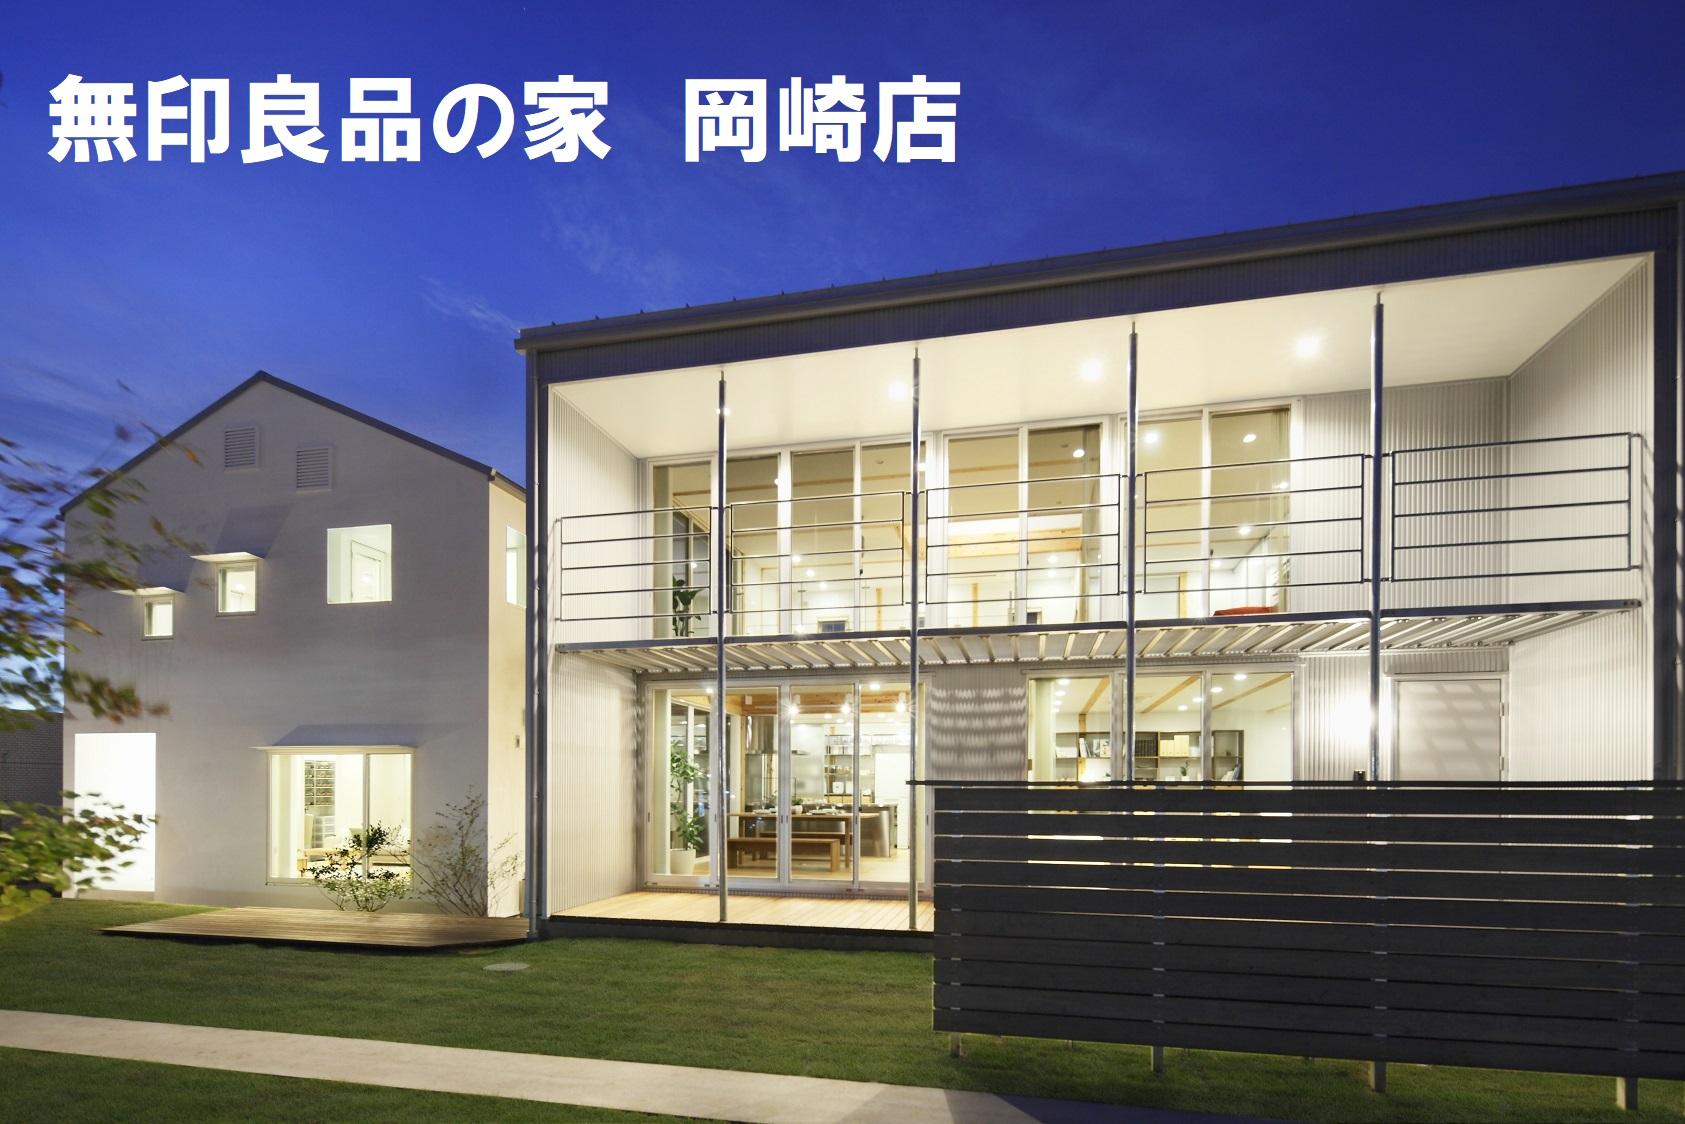 無印良品の家「木の家」「窓の家」夜間のモデルハウスを貸切りで体験